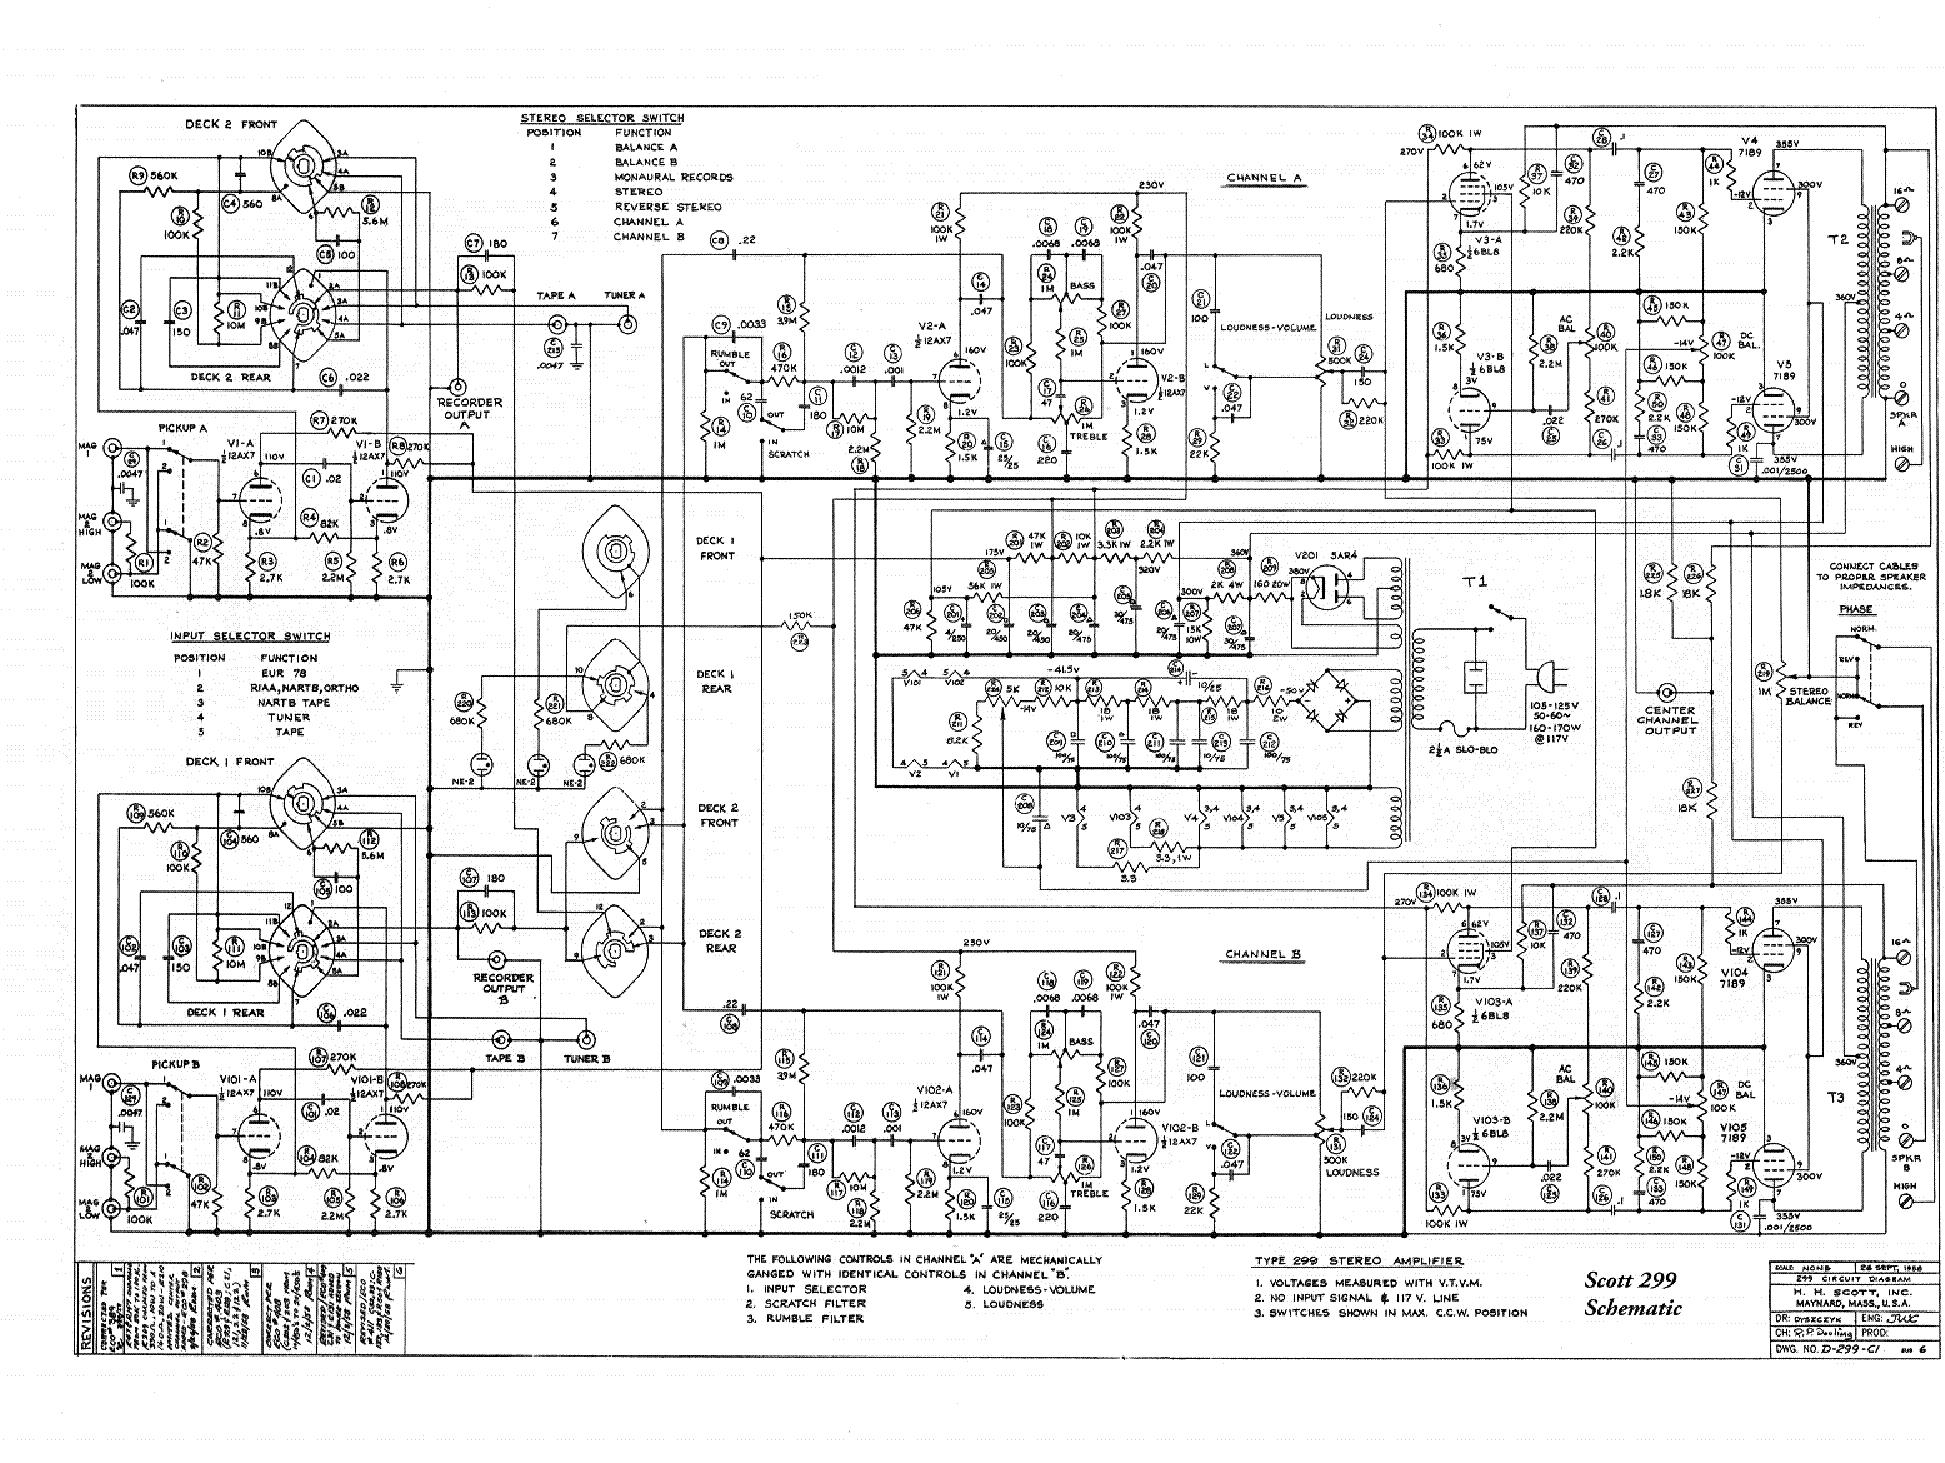 SCOTT 299 SCH Service Manual download, schematics, eeprom